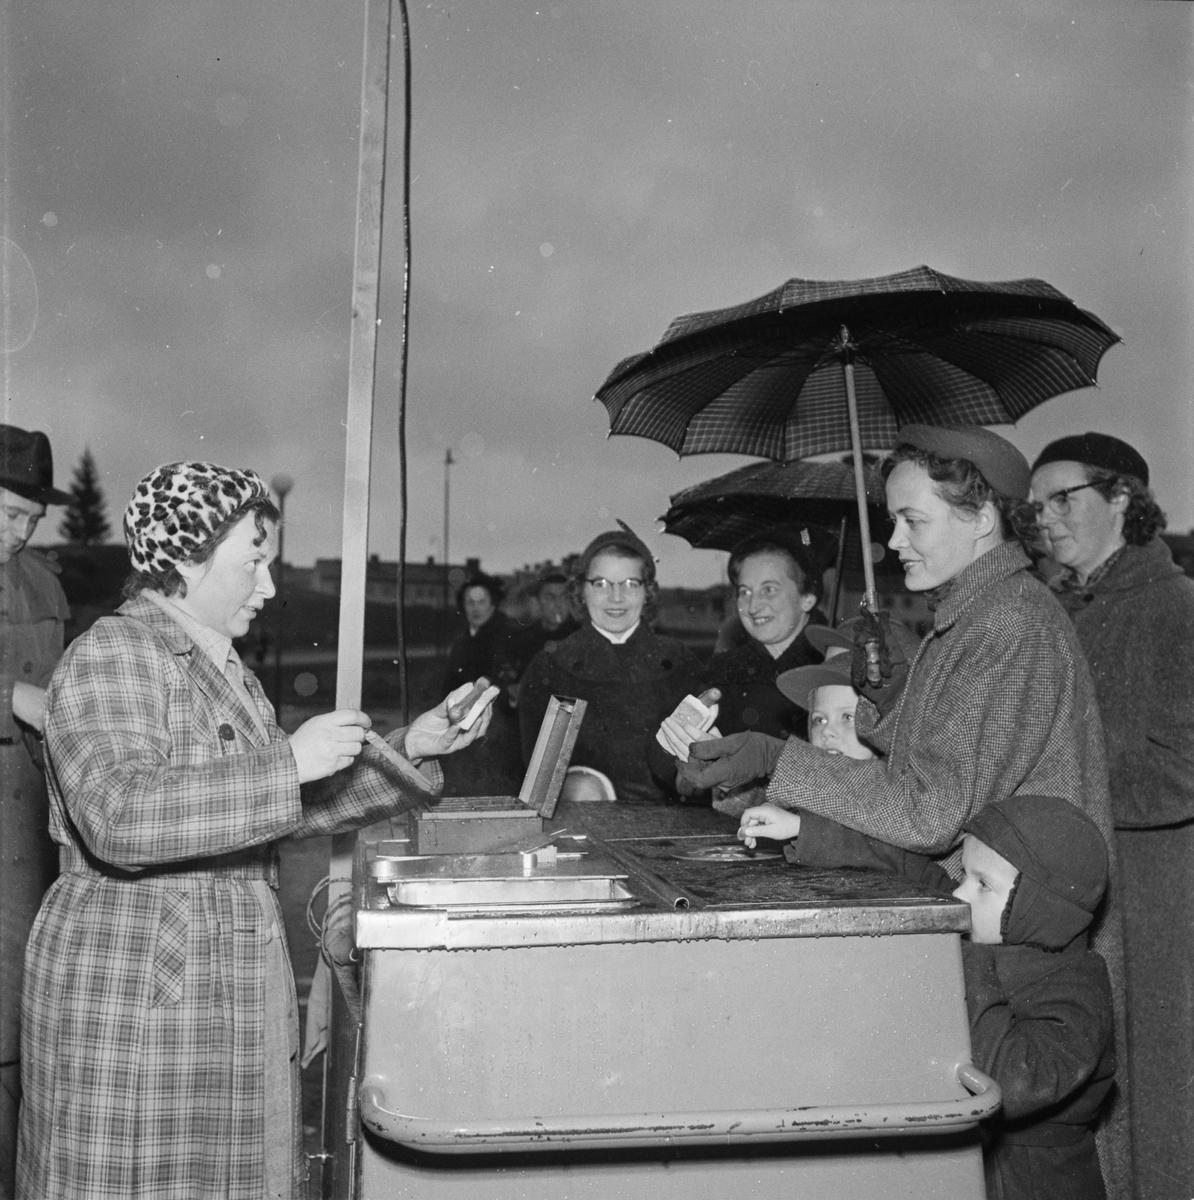 Korvförsäljning på Brantingstorget, Sala backe, Uppsala 1954